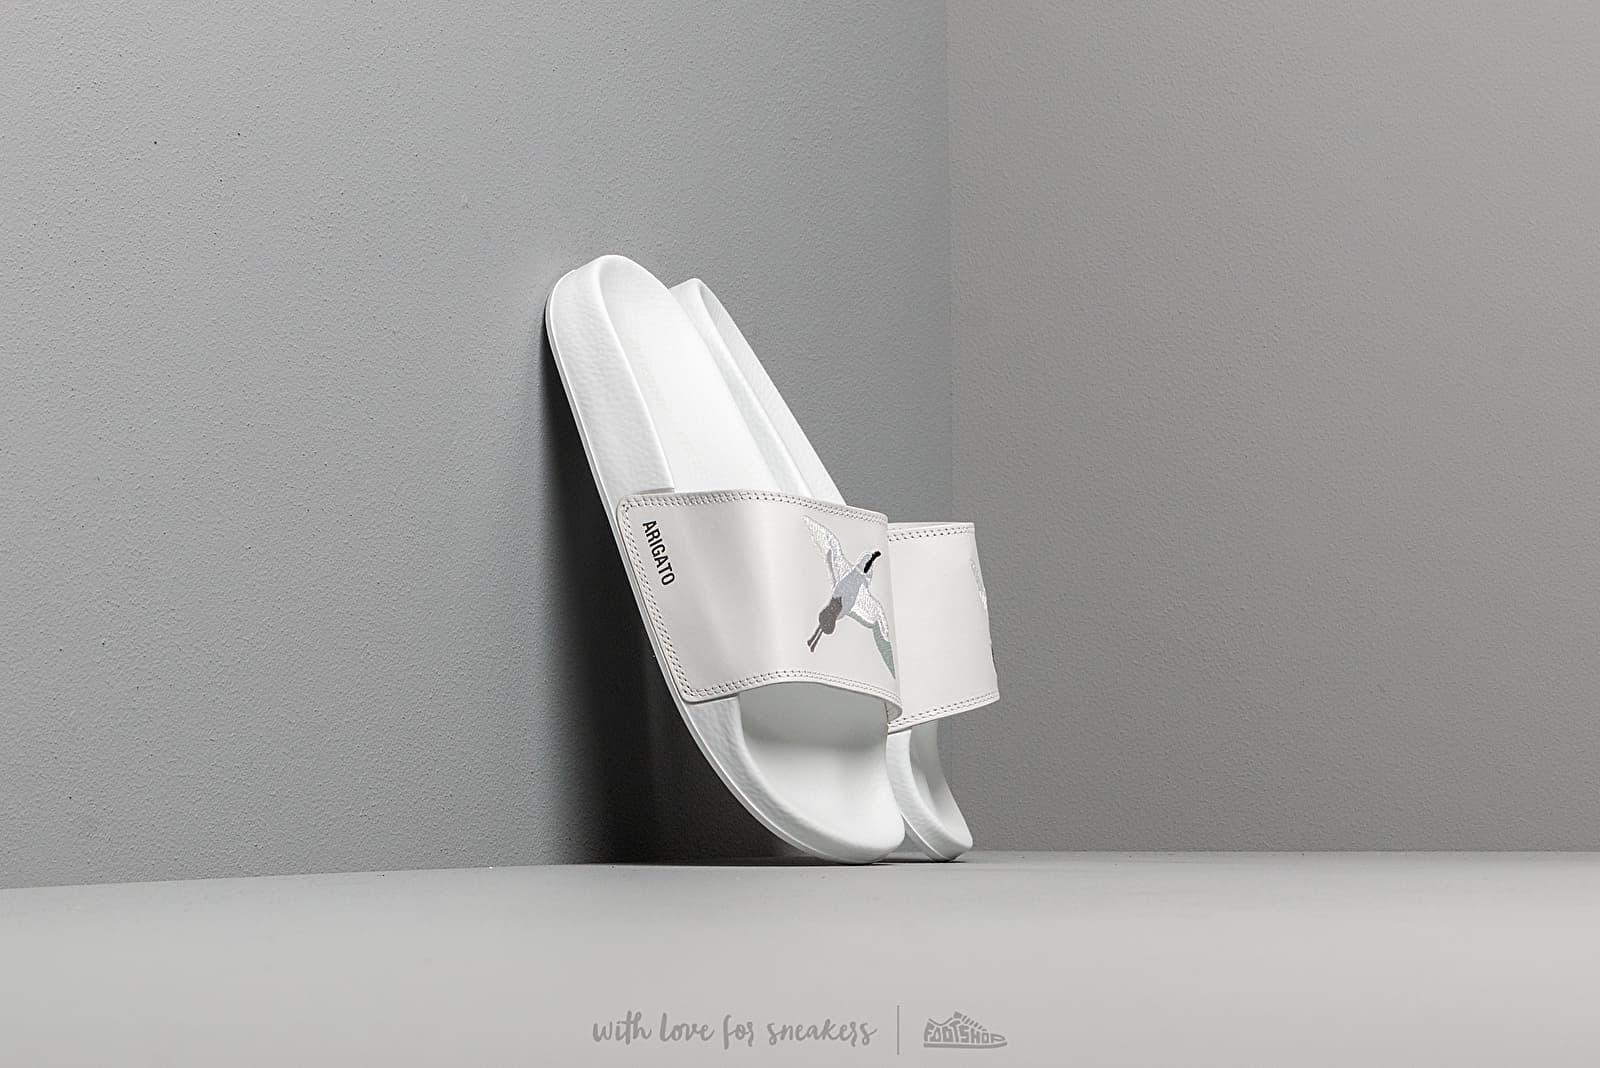 Dámské tenisky a boty AXEL ARIGATO Tori Slides White Leather White